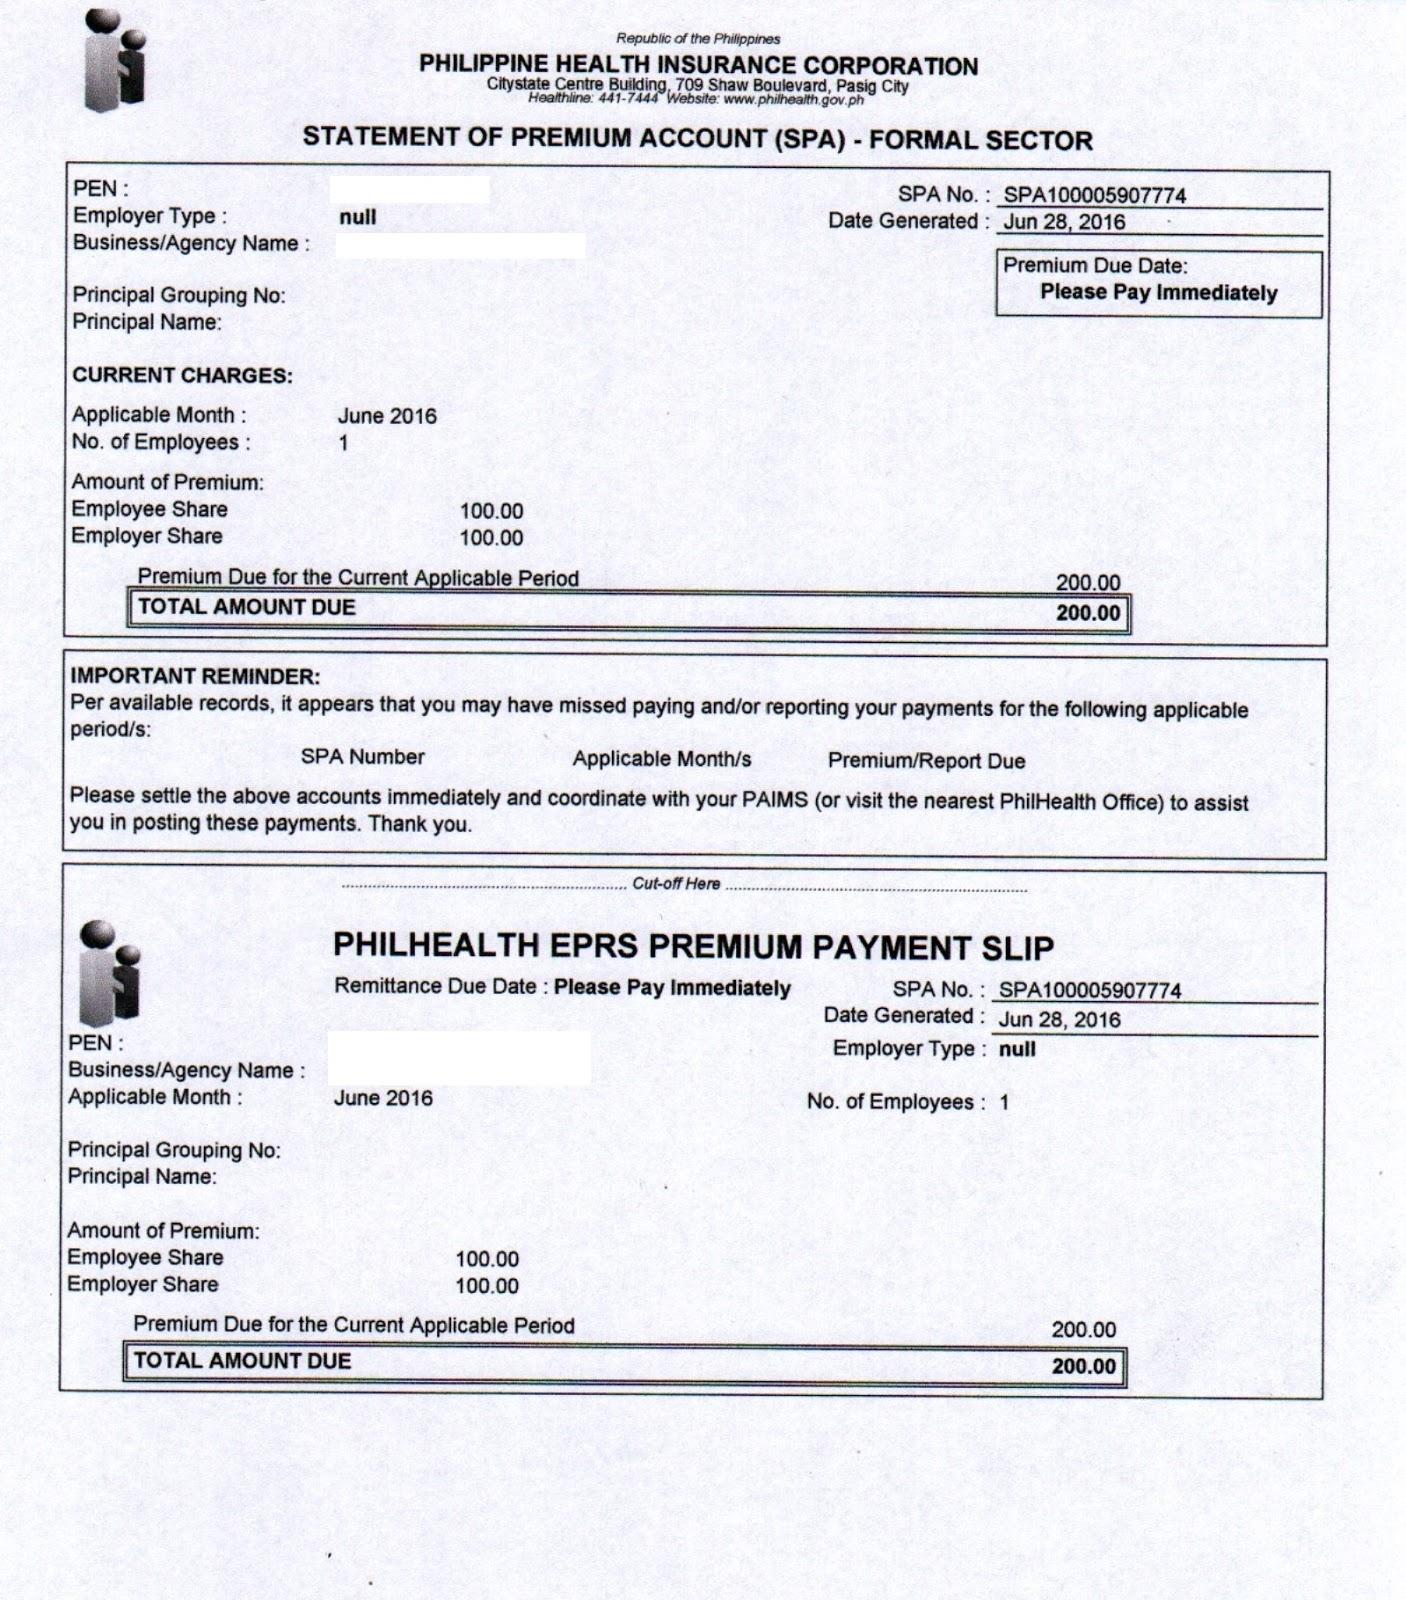 philhealth premium payment slip